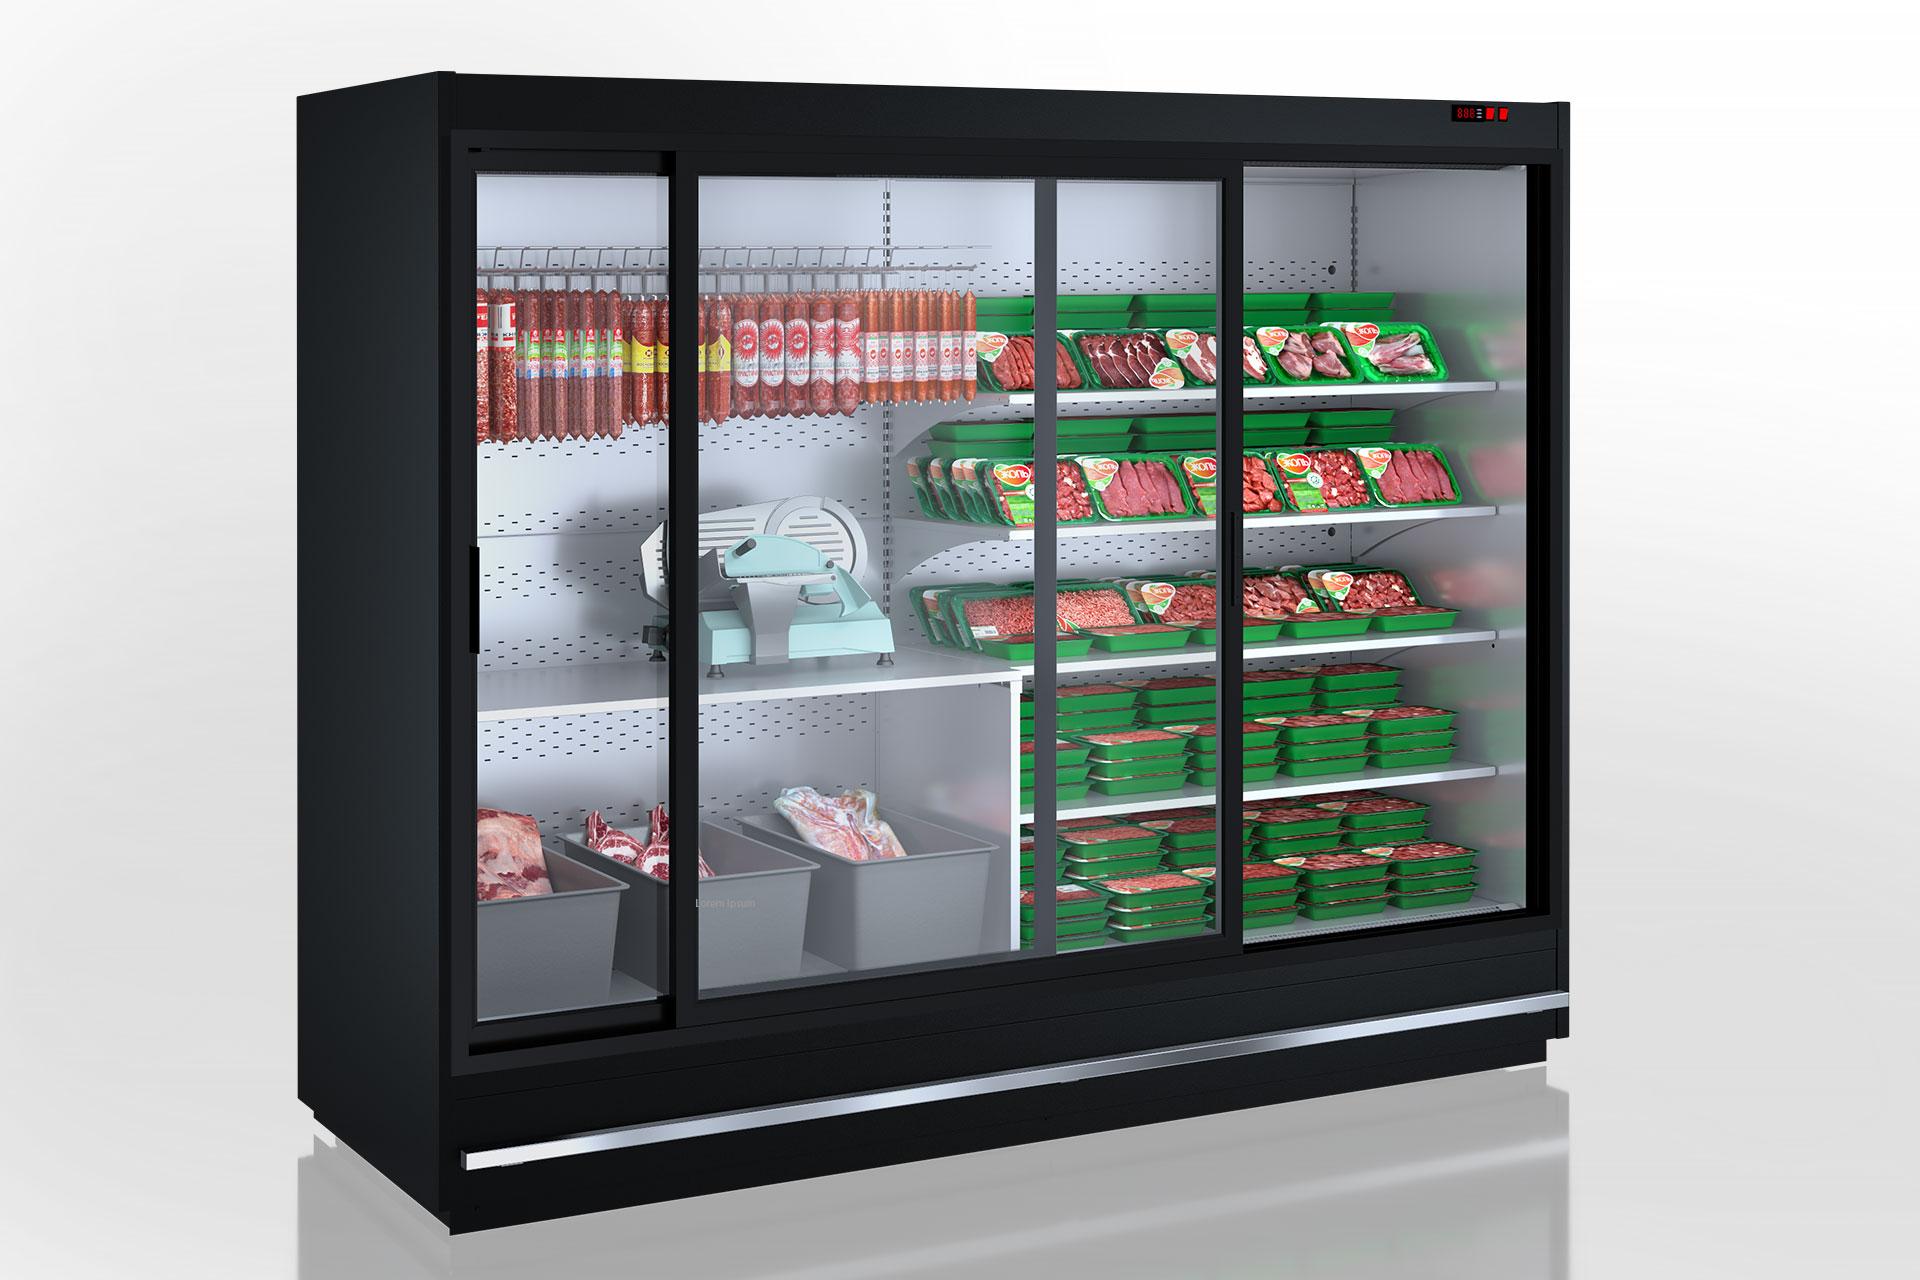 Спеціалізовані вітрини для продажу м'яса Indiana MV 080 meat D 205-DLM